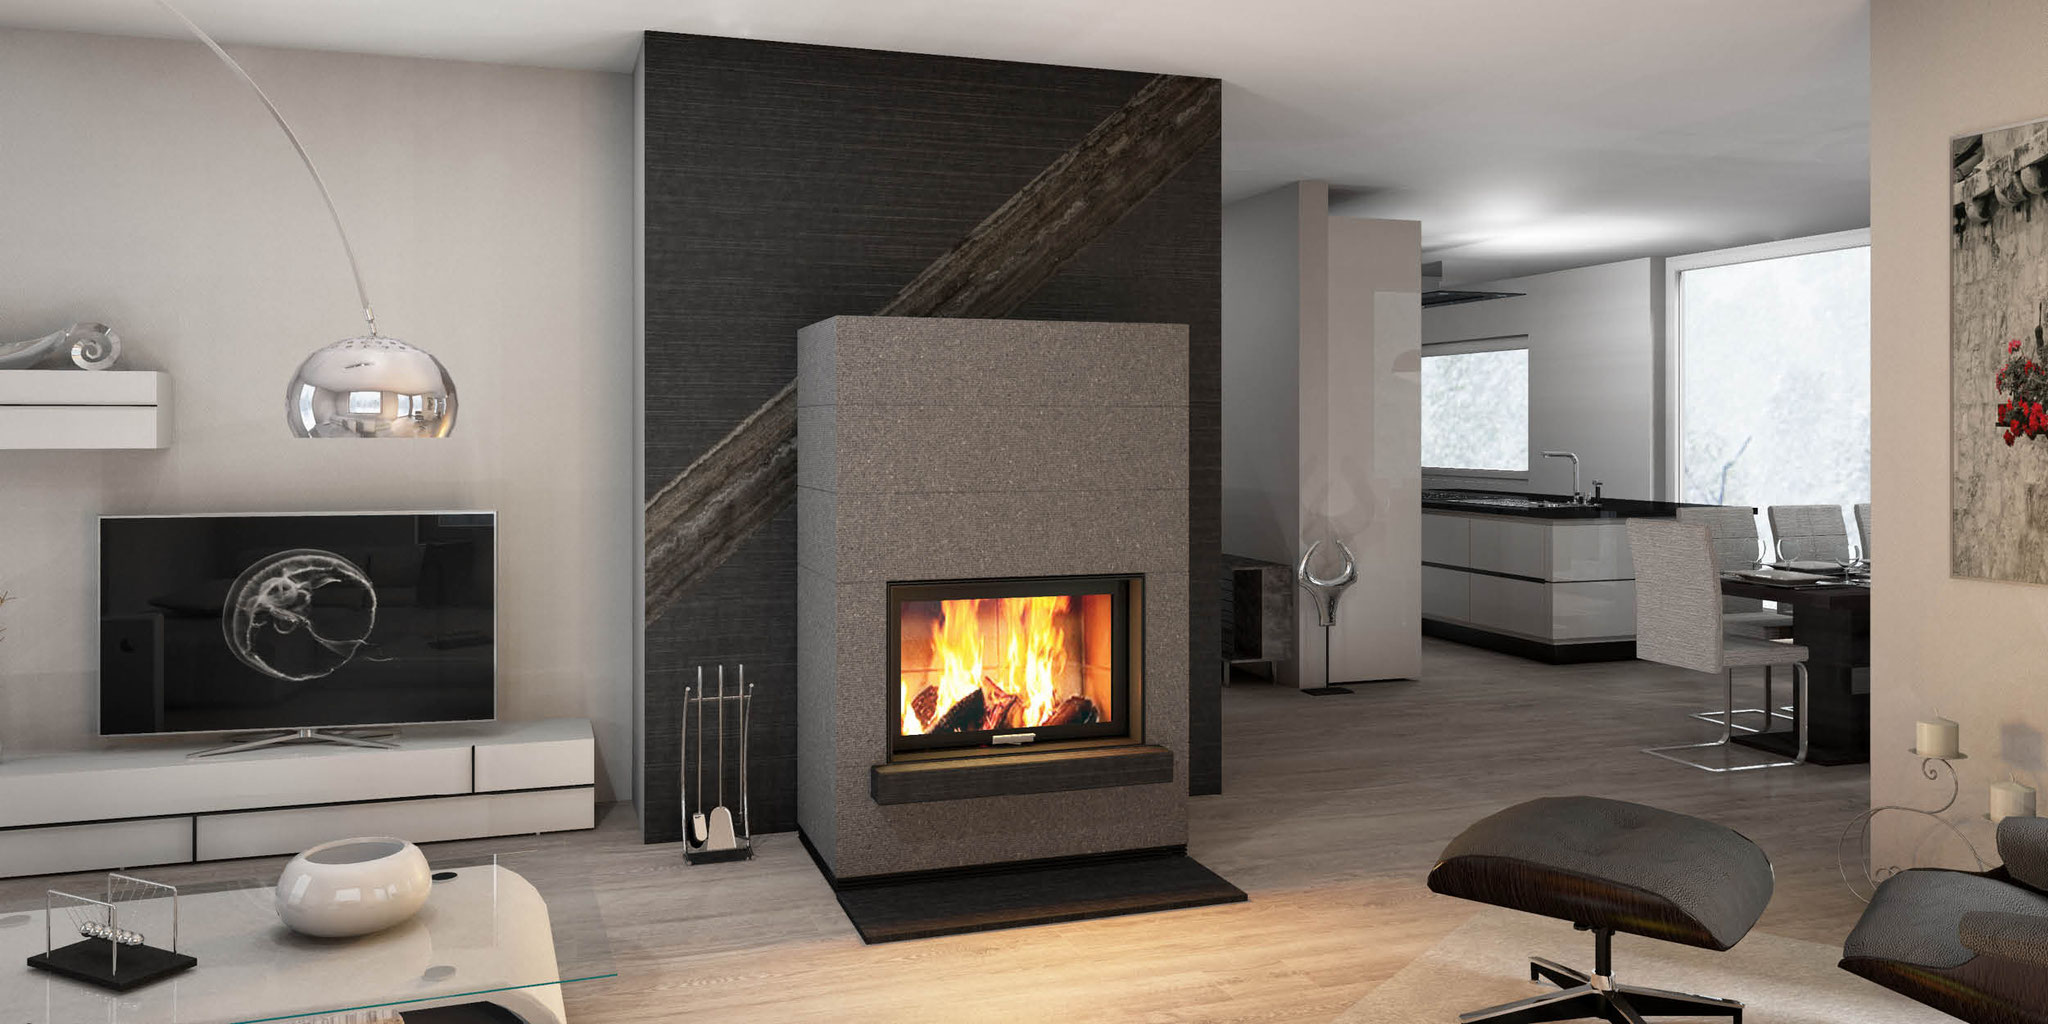 wandgestaltung monolith fire inside naturstein fen natursteinofen speicher kaminofen. Black Bedroom Furniture Sets. Home Design Ideas